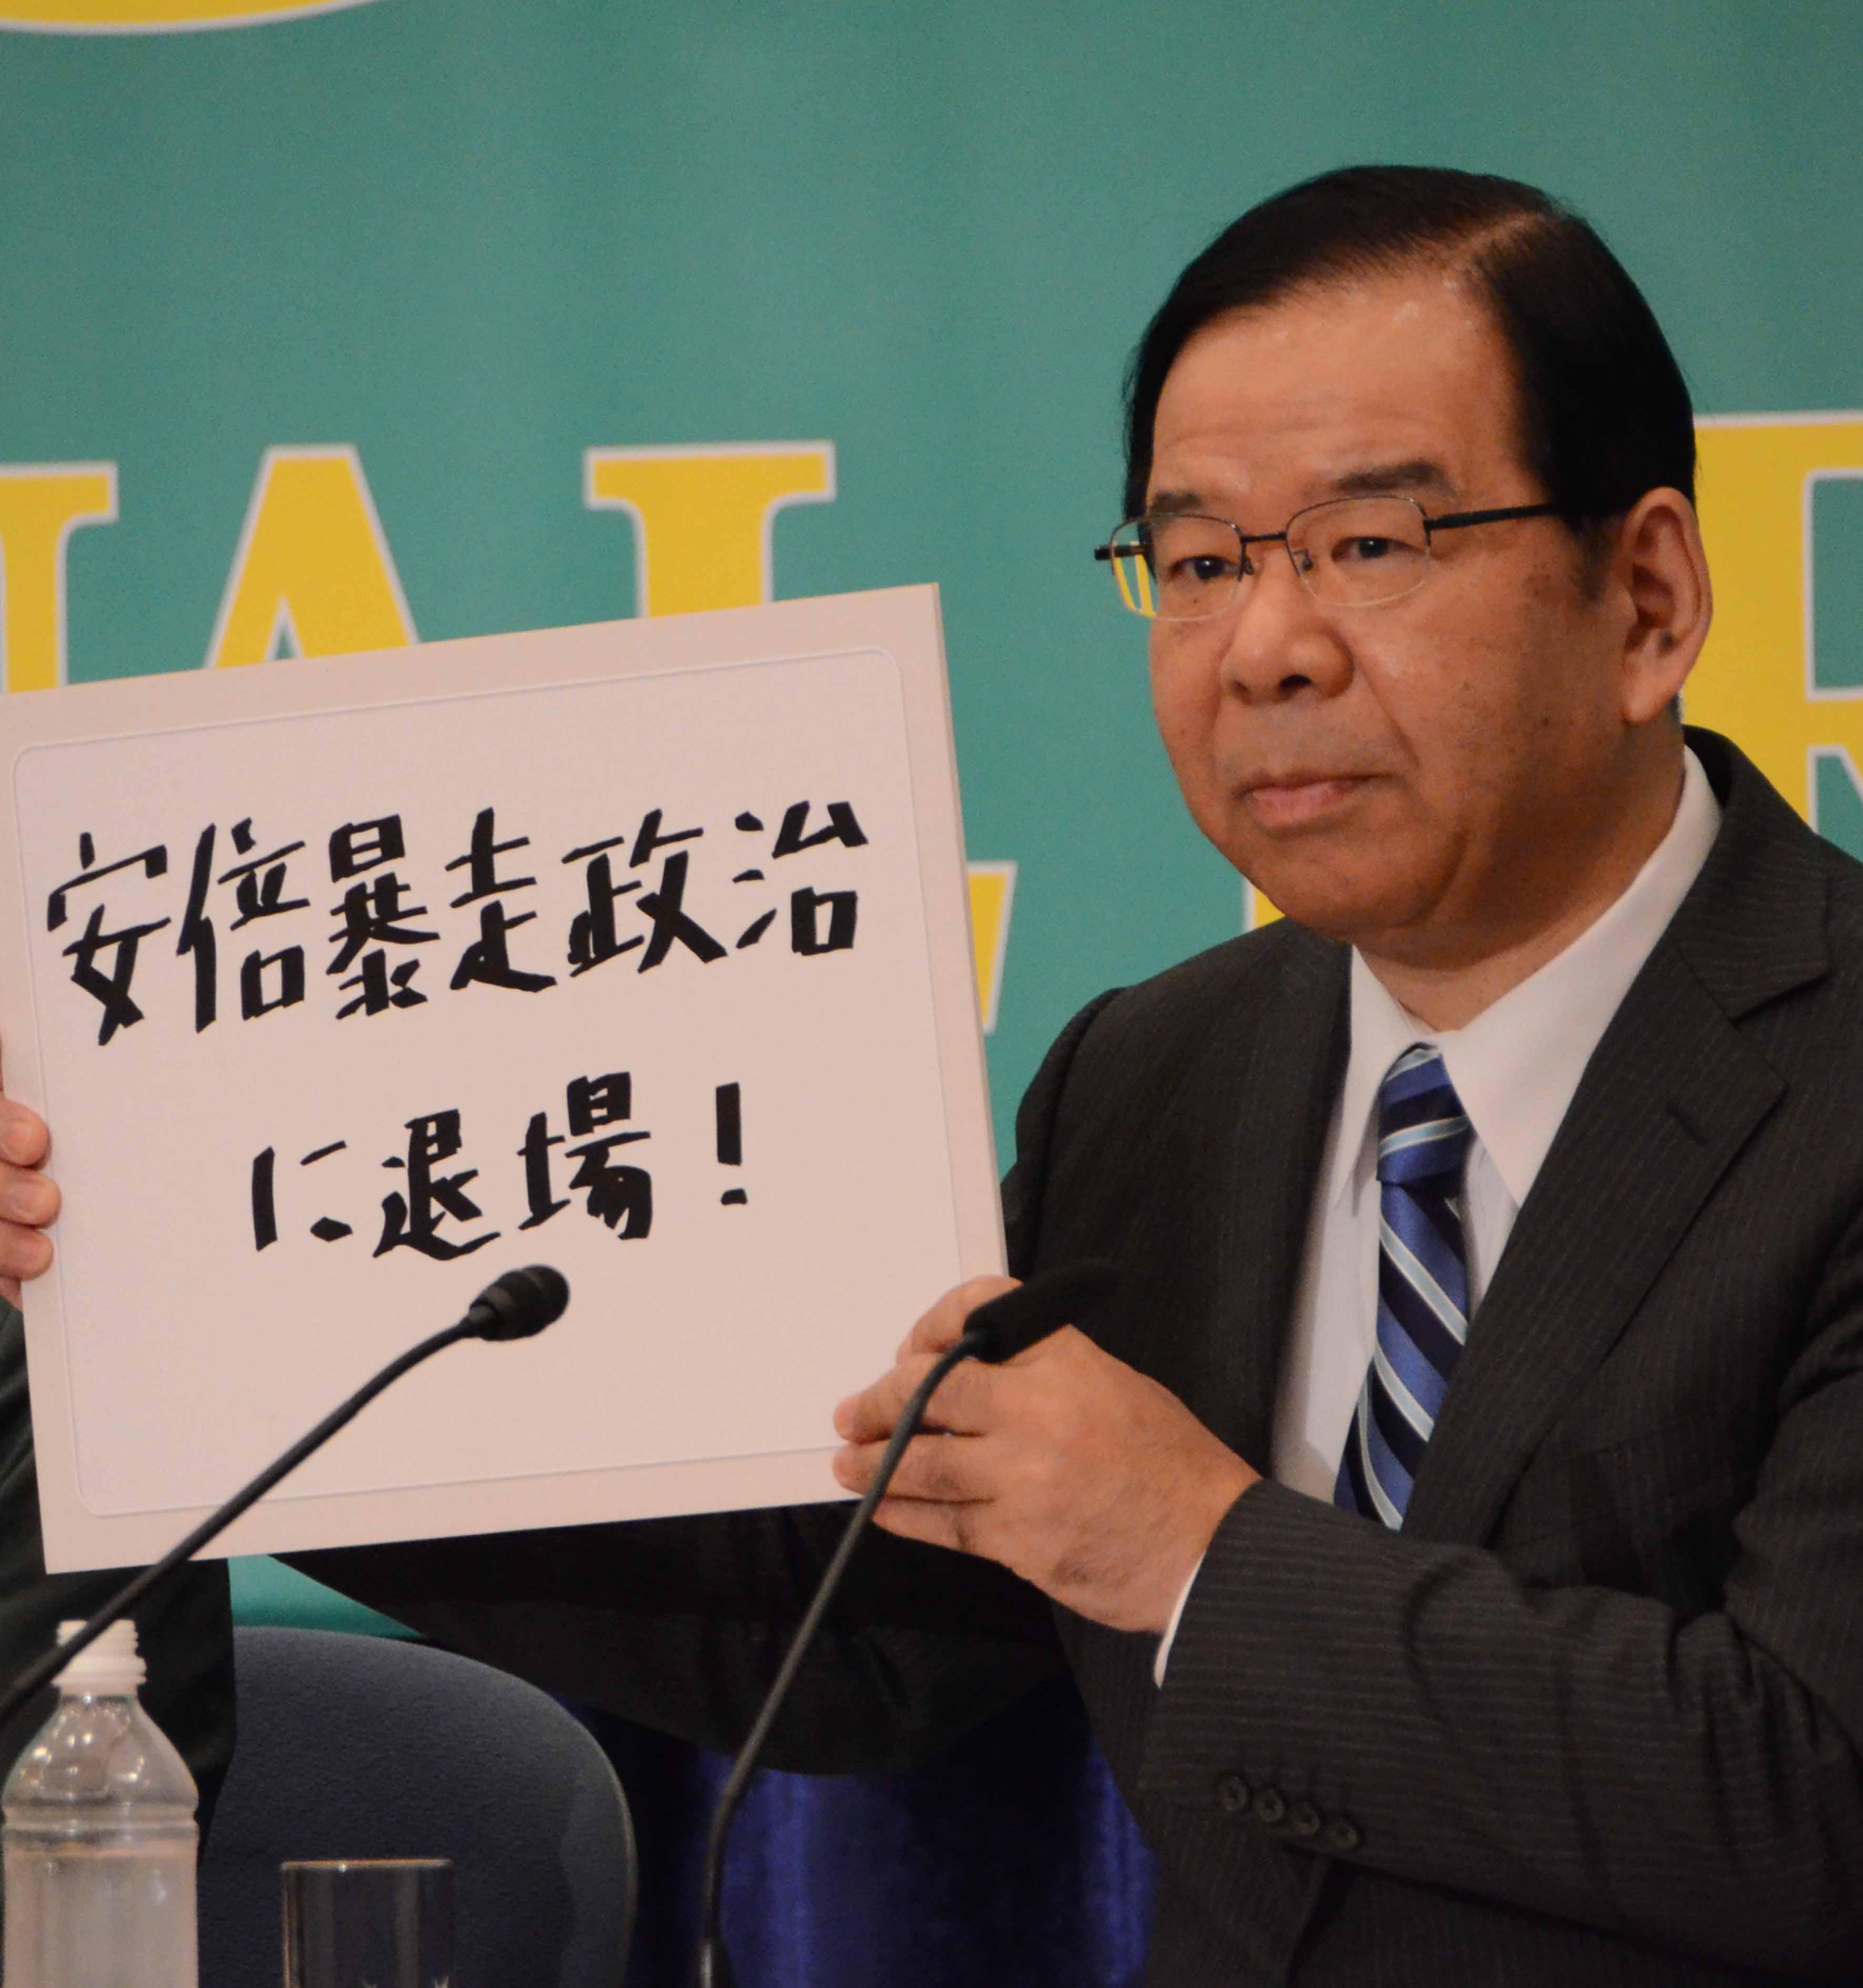 8党首討論会 | 日本記者クラブ J...